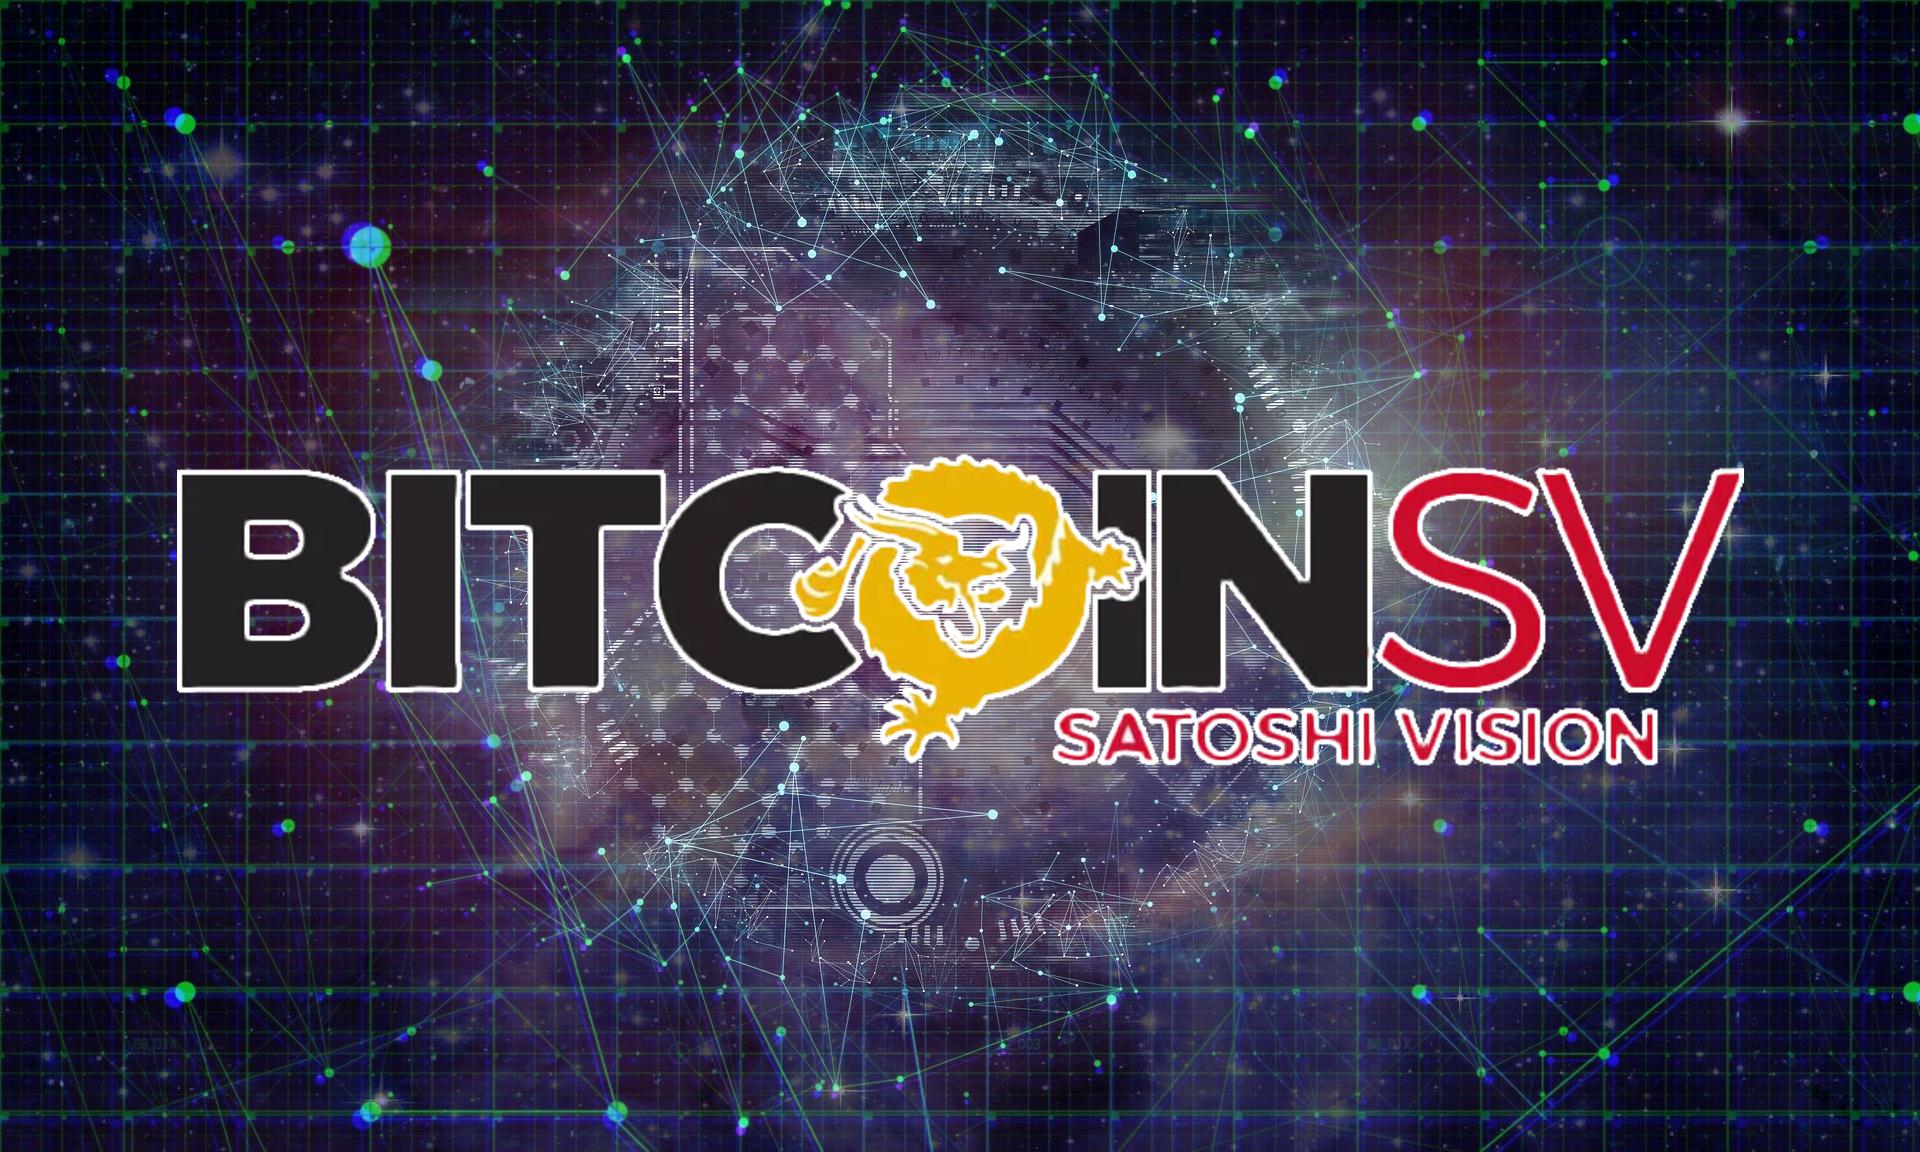 仮想通貨ビットコインSV、10日に初の半減期を迎える